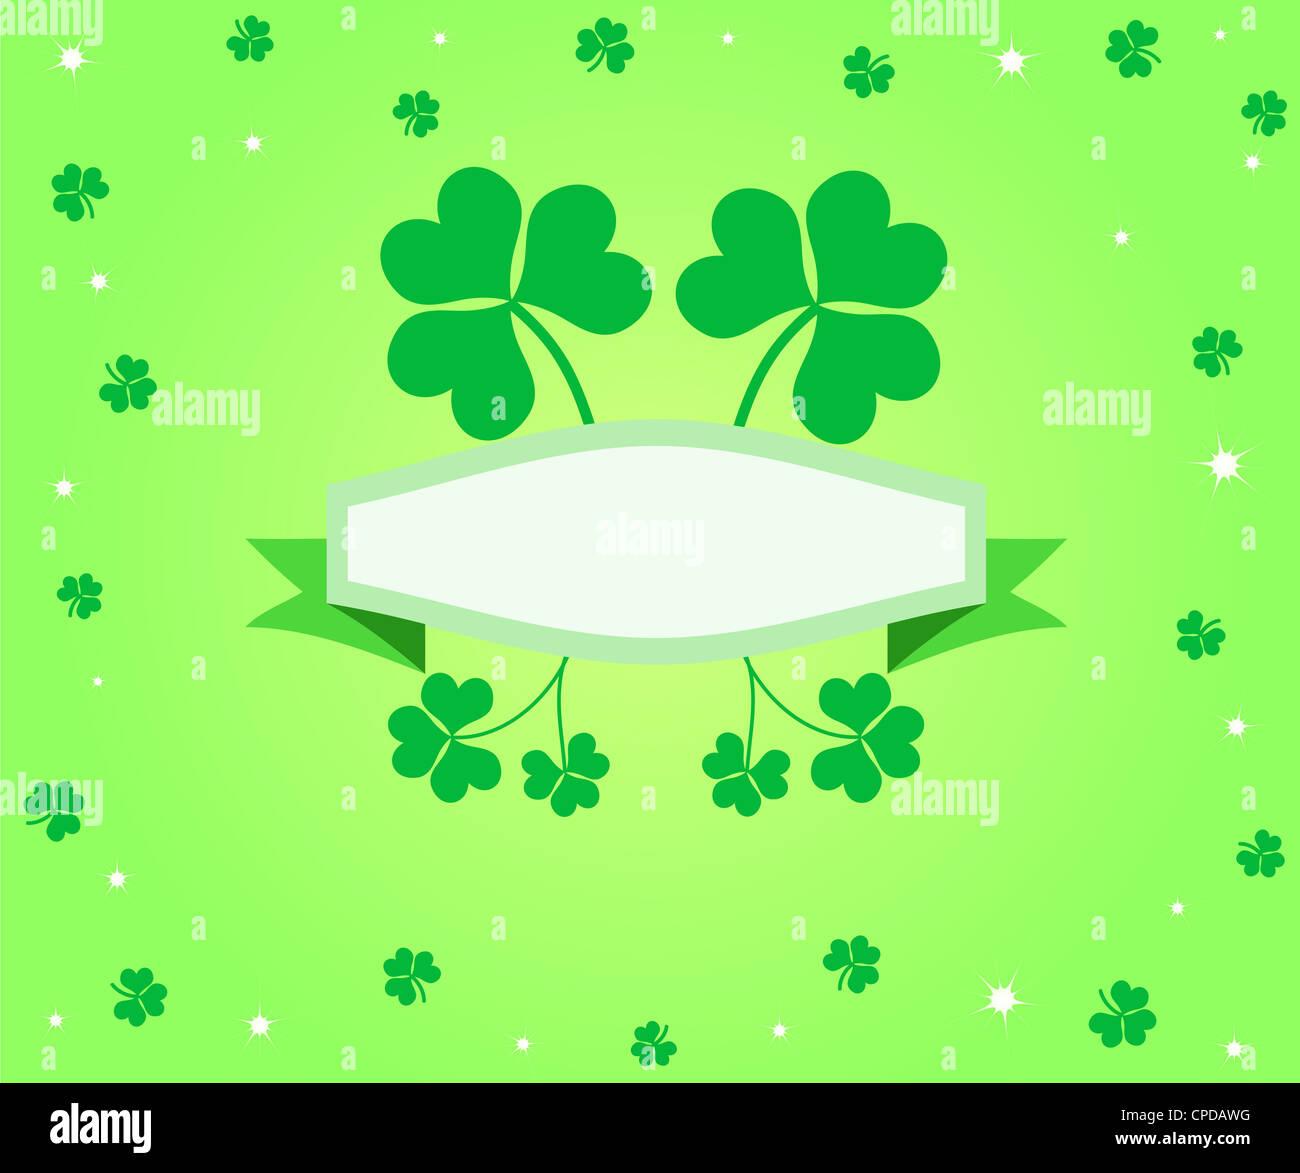 Green lucky shamrocks banner Stock Photo